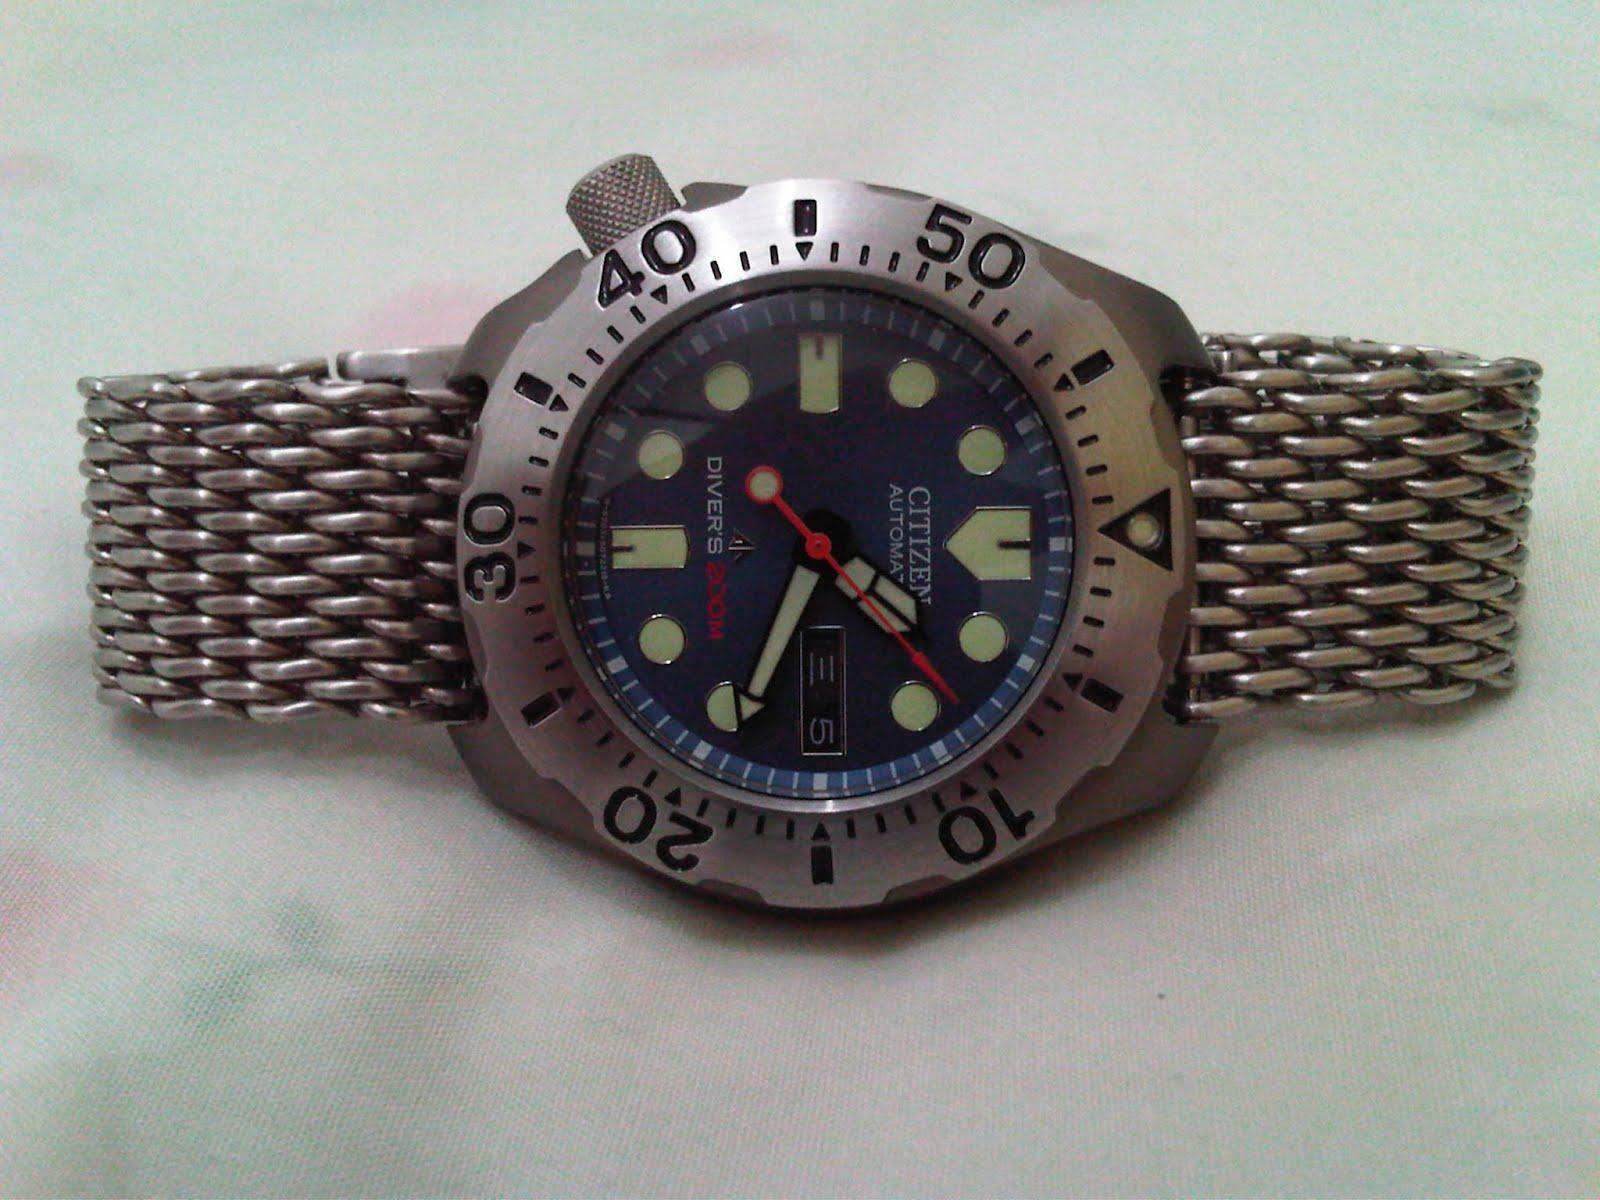 Chepest Watch